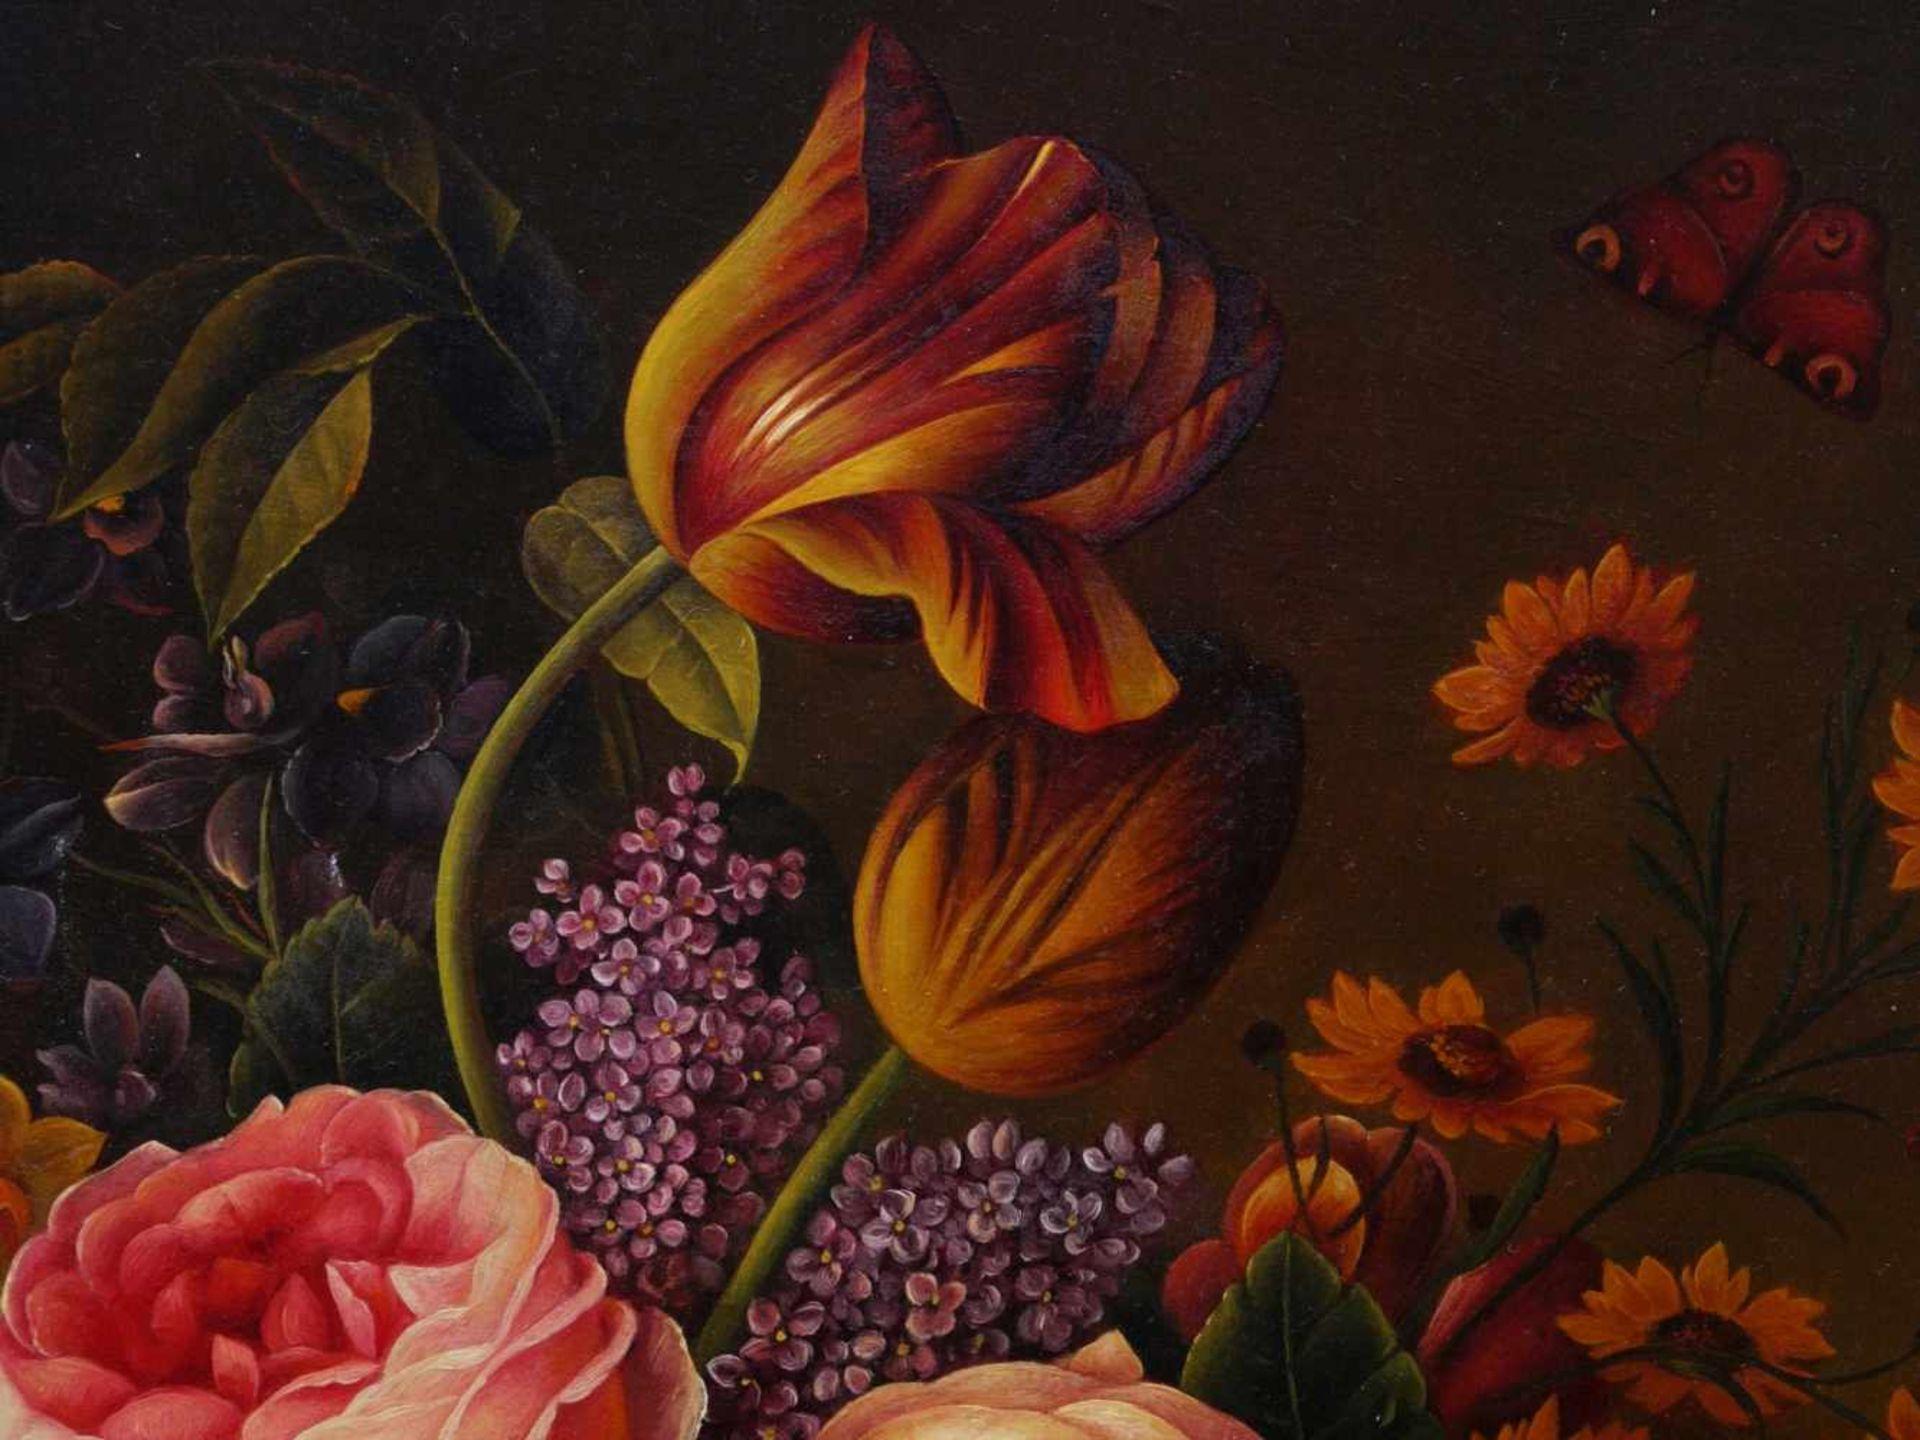 Holstayn, Josef (1930-?) - BlumenstückFeinste Malerei in typischer Manier des Künstler. Meisterhafte - Bild 3 aus 10